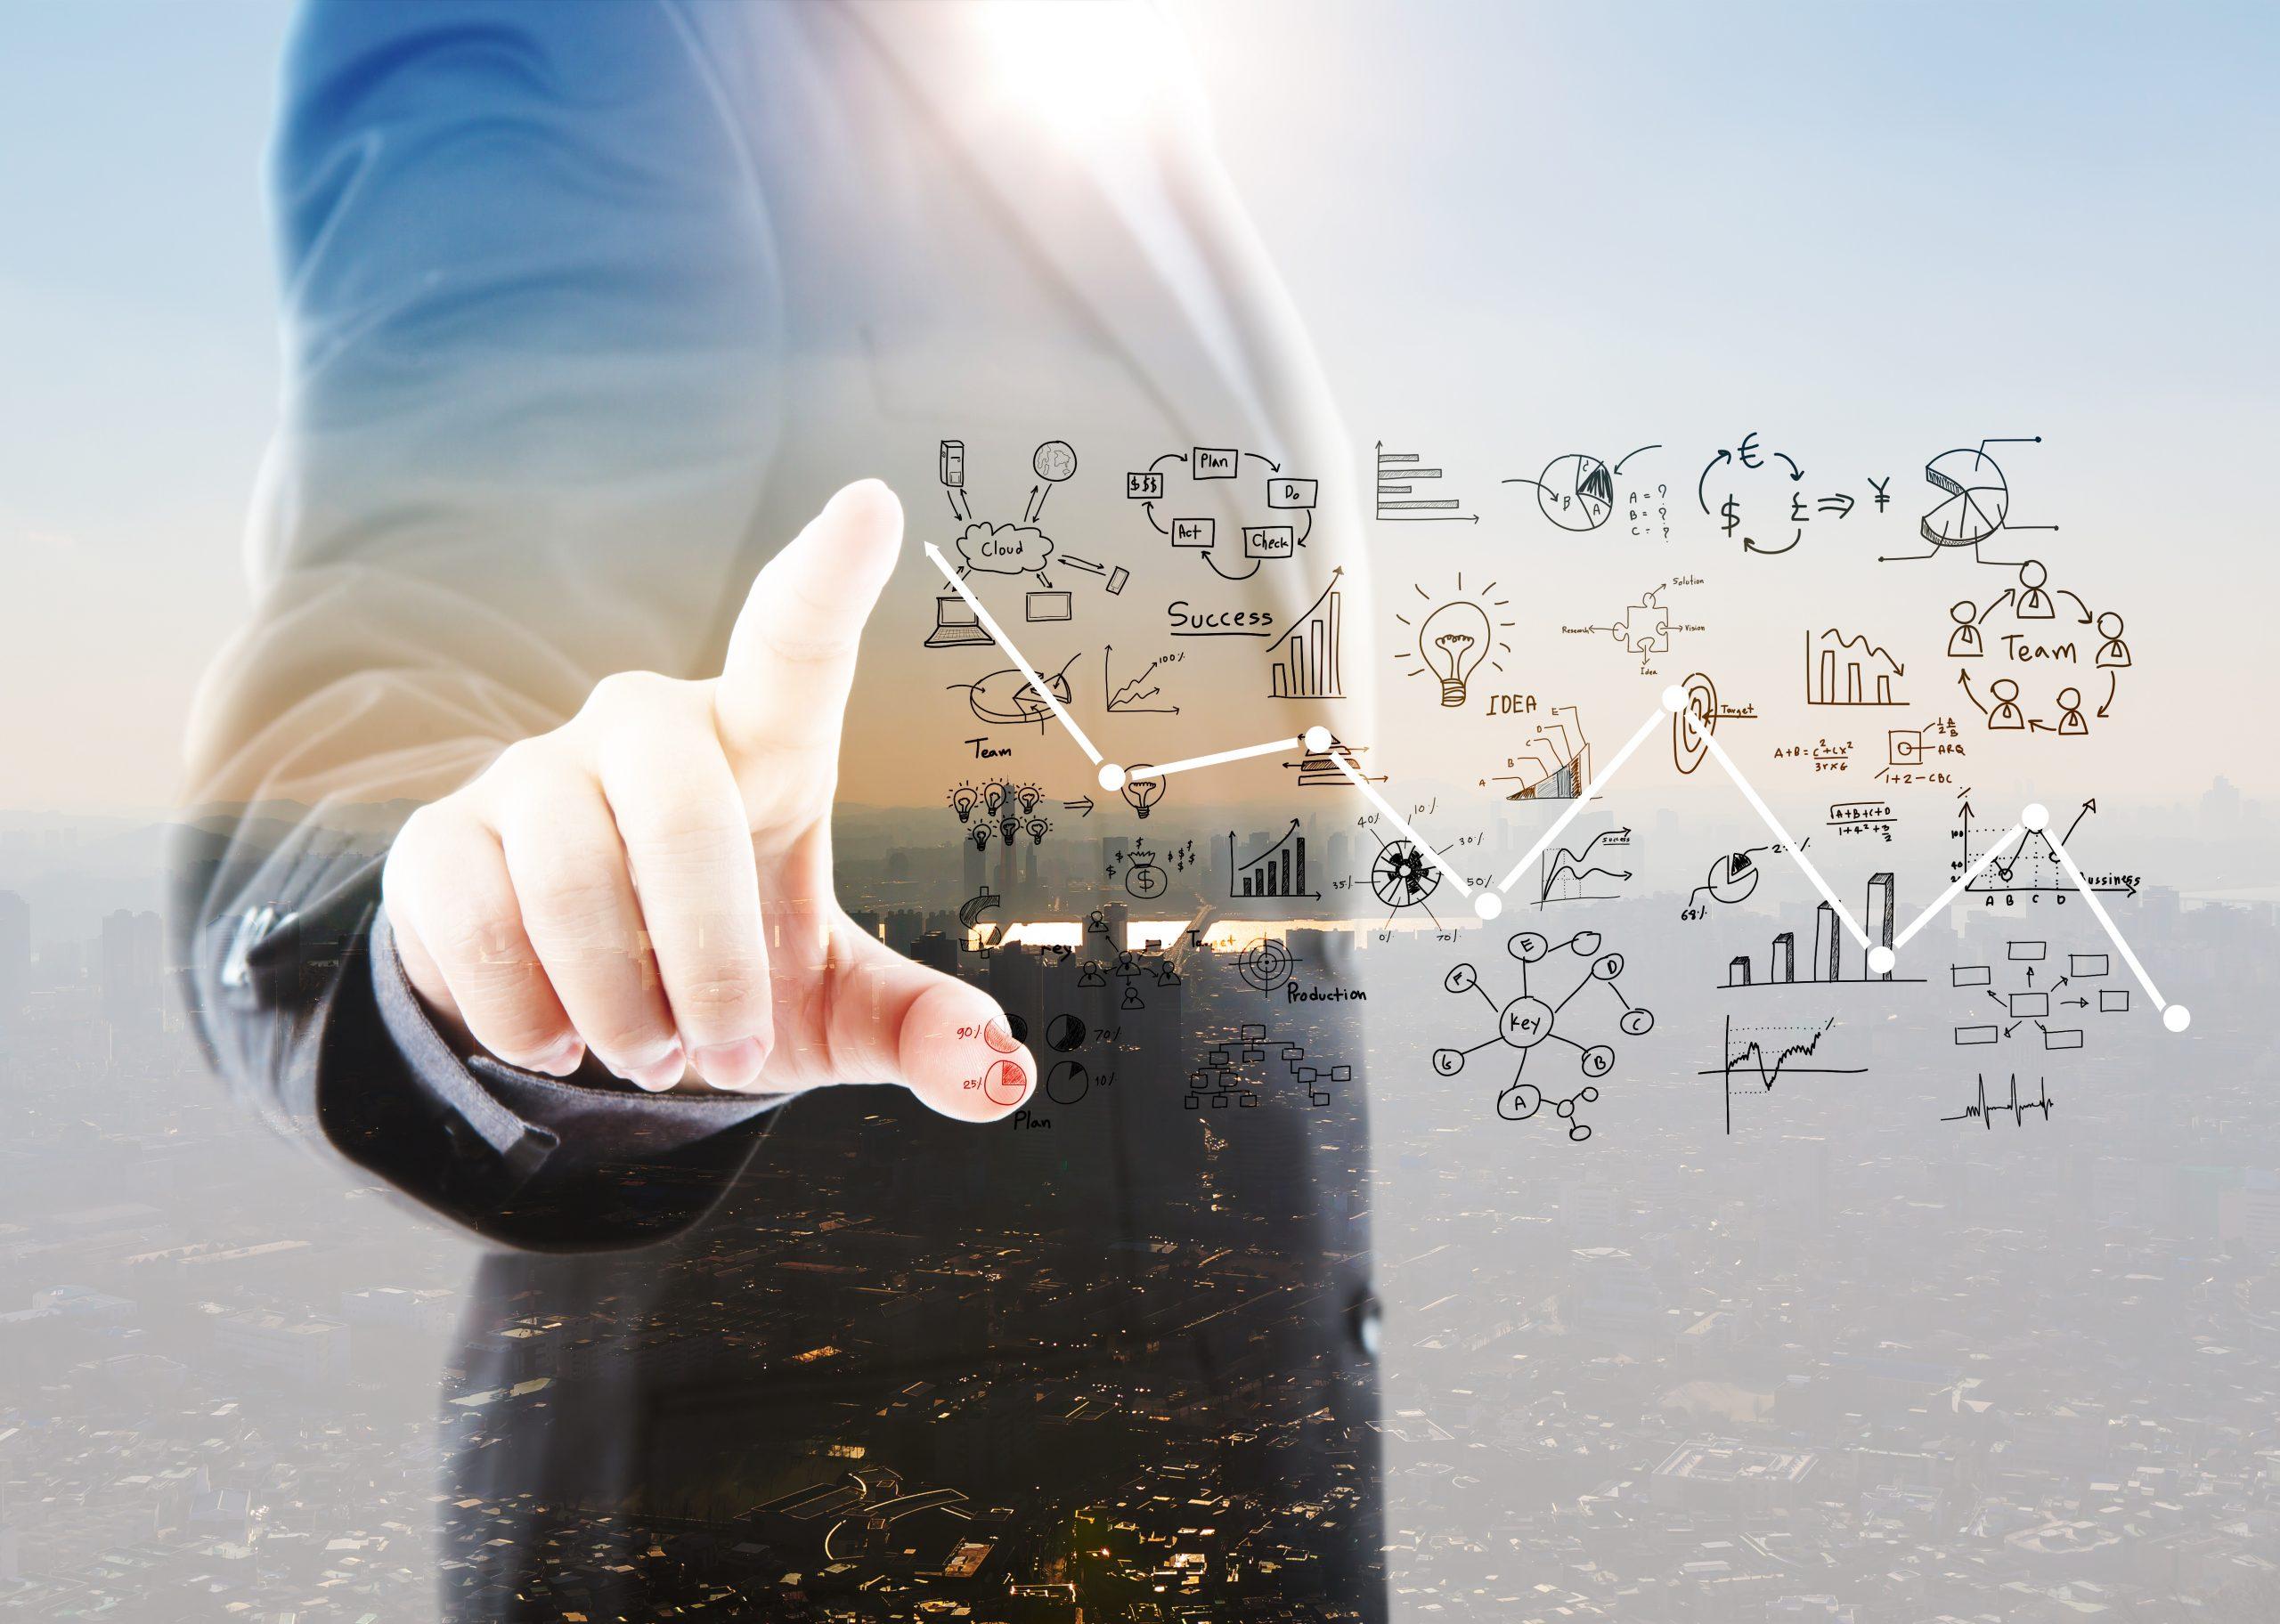 Quer saber como transformar o DP da sua empresa? Clique aqui